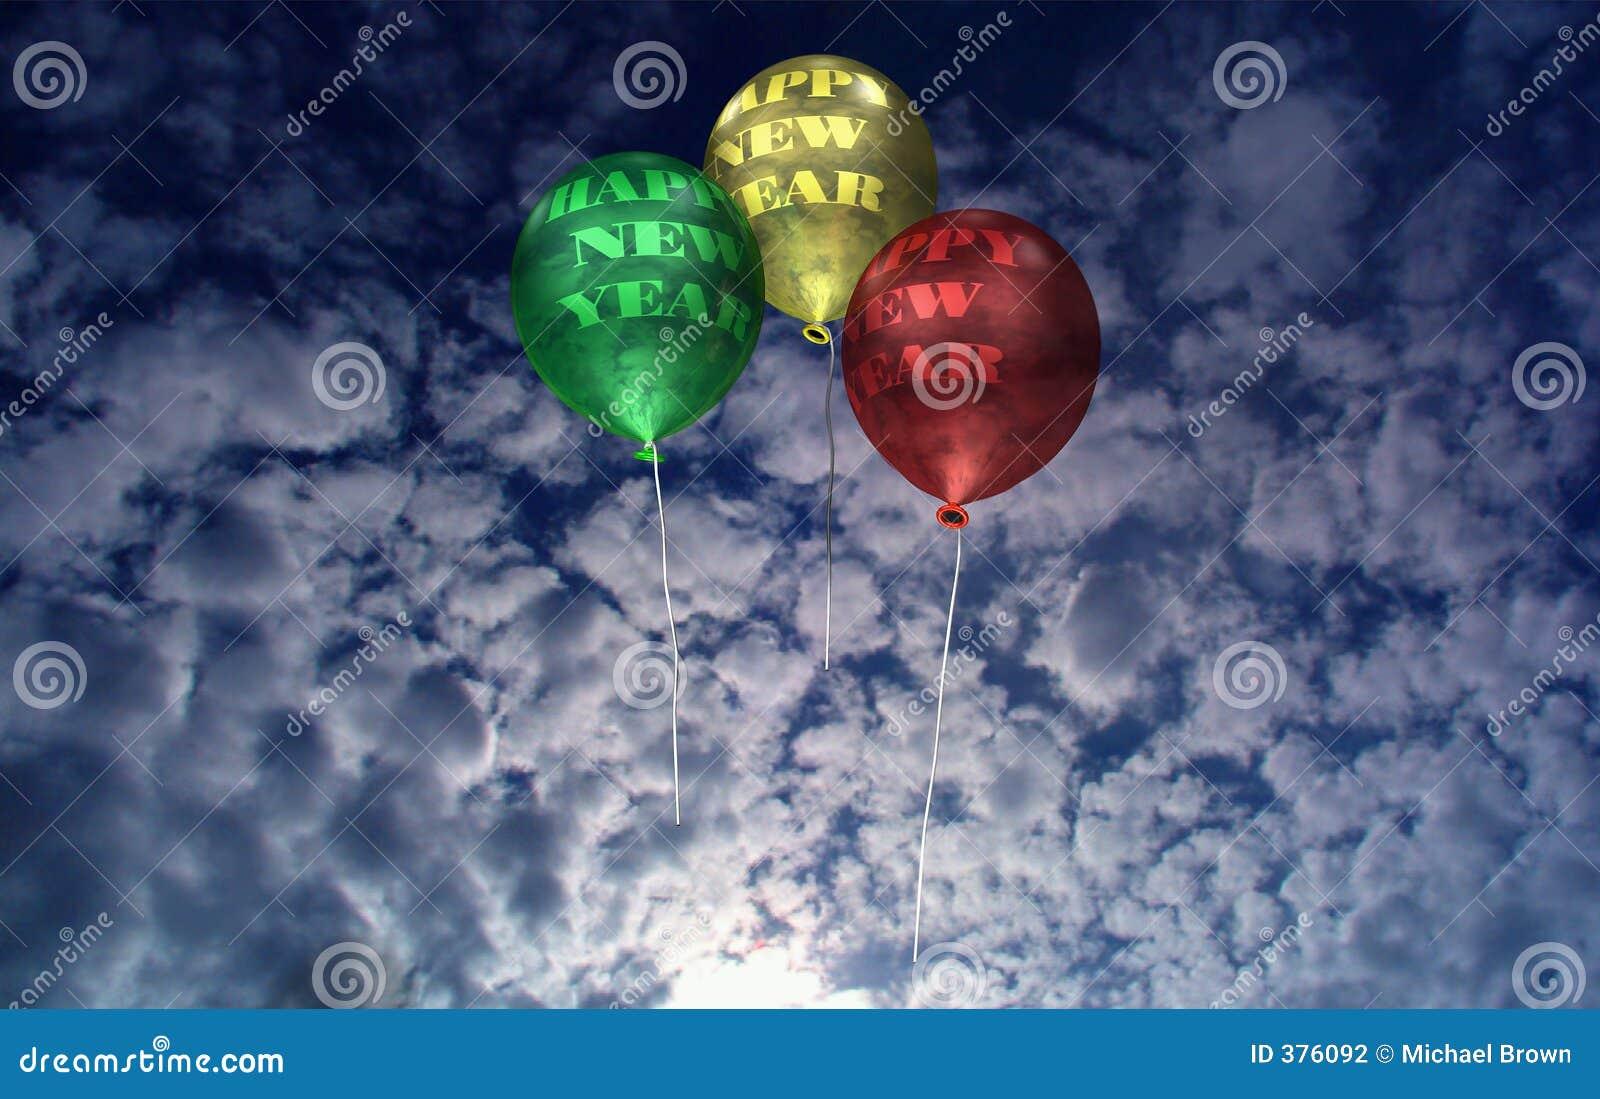 νέο έτος αυγής μπαλονιών